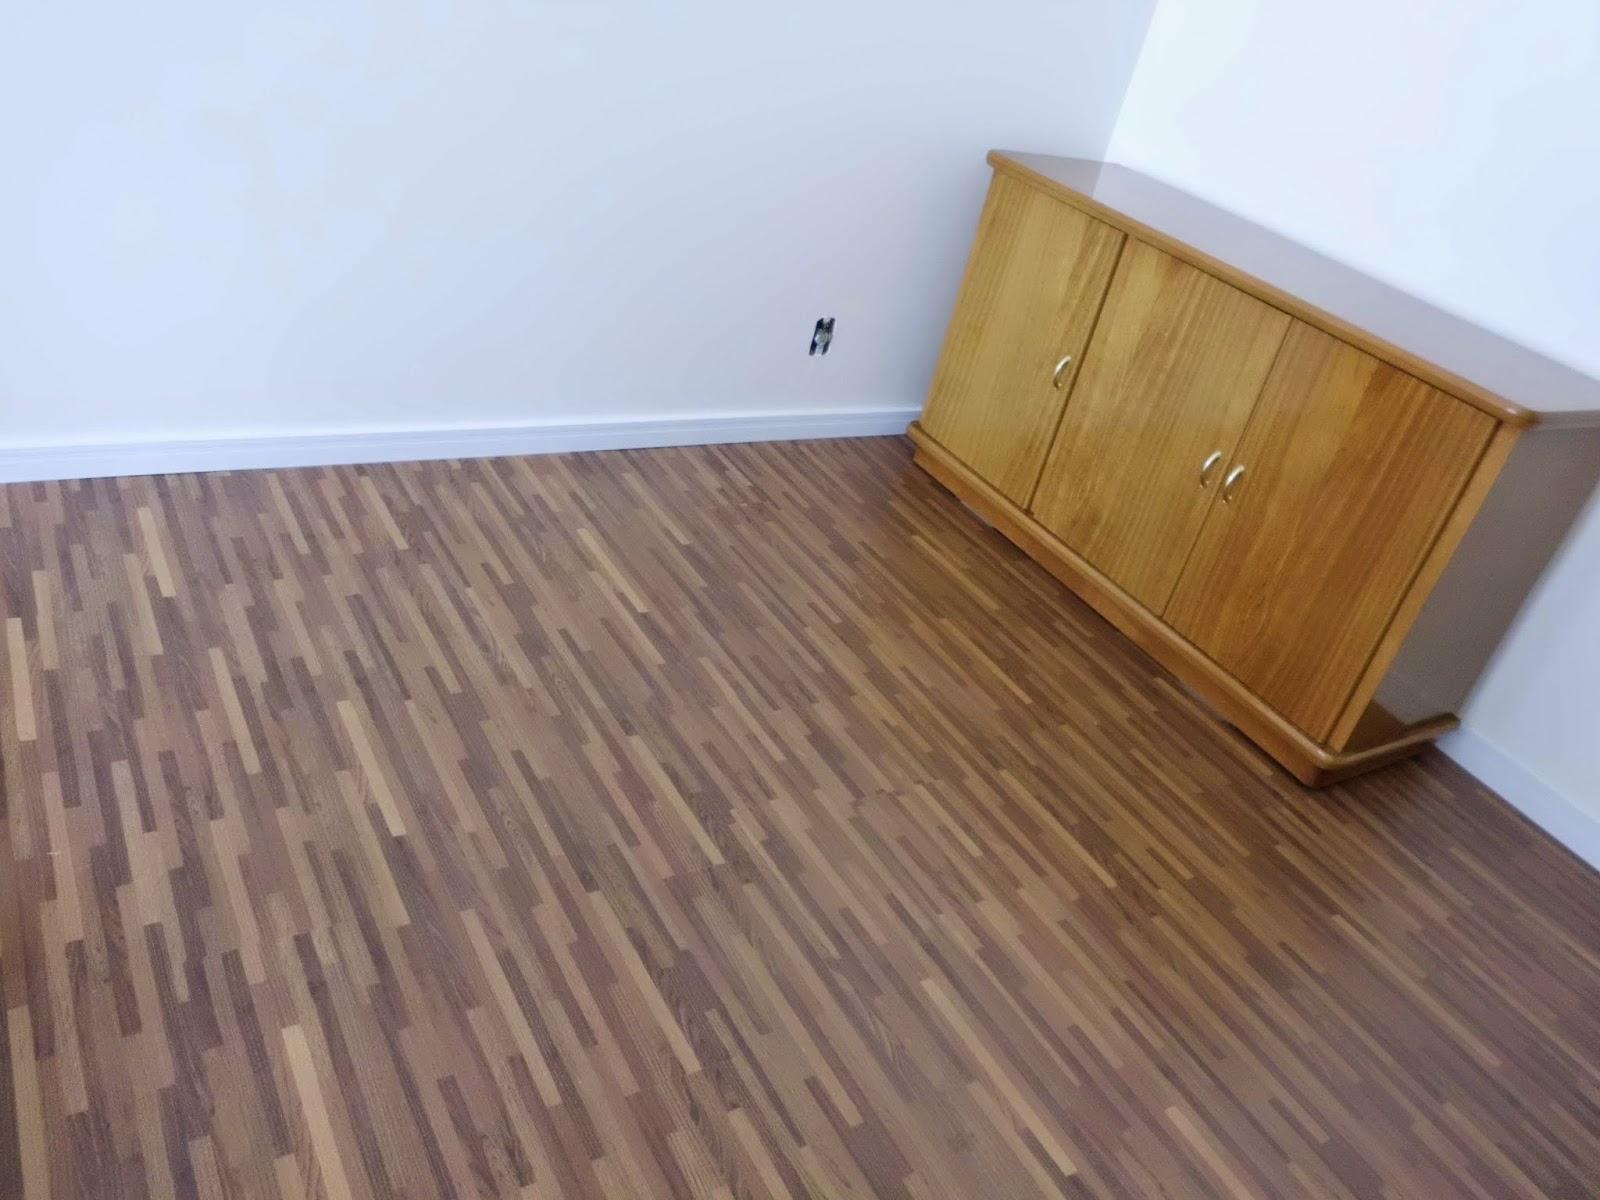 Pisos laminados cumaru palito click Instalados em sala residencial